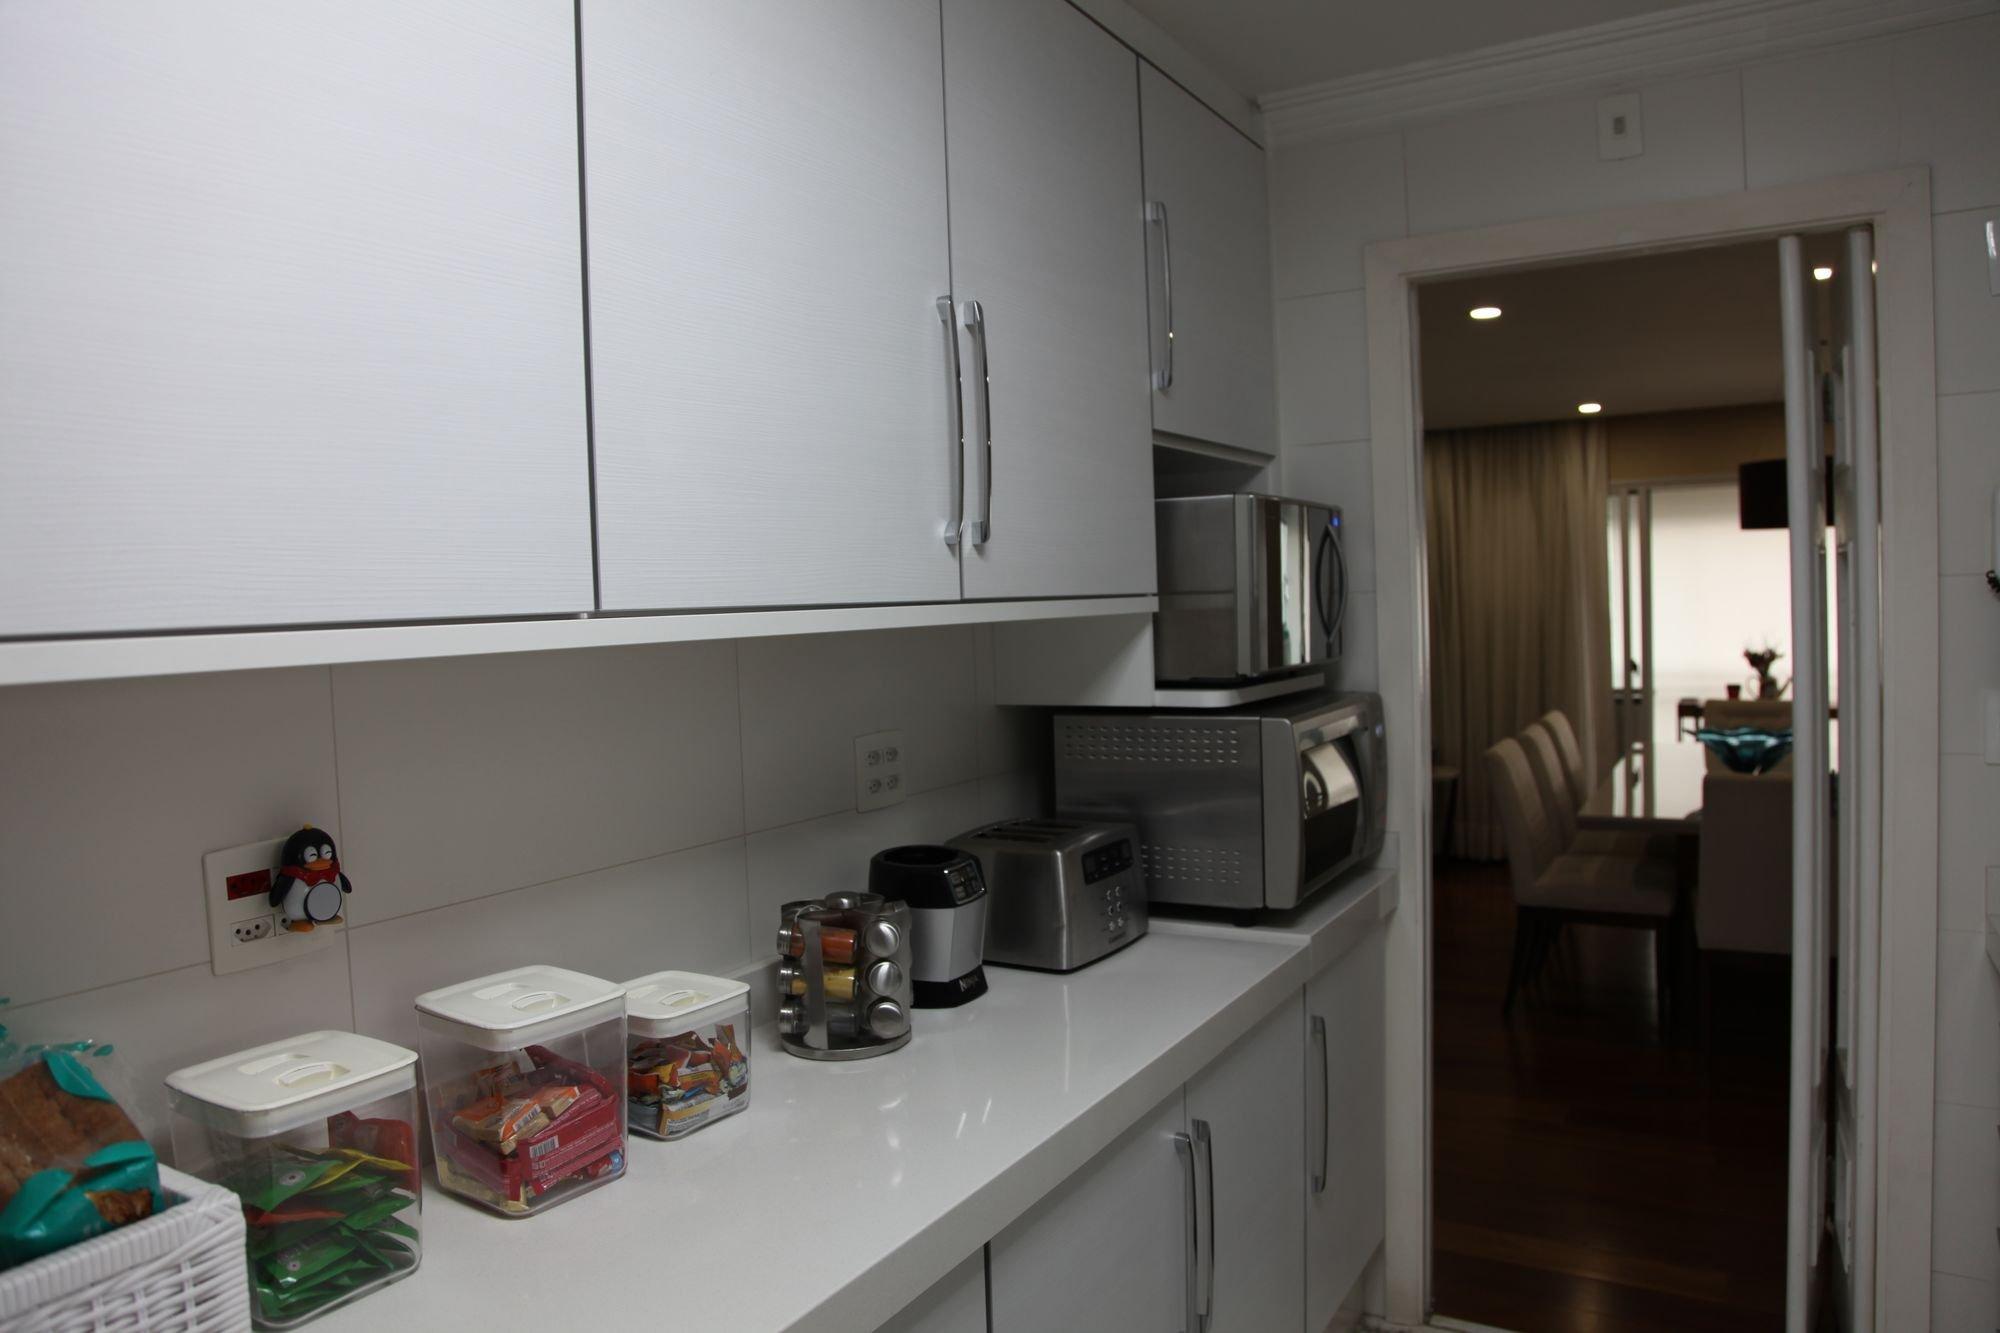 Foto de Cozinha com torradeira, cadeira, microondas